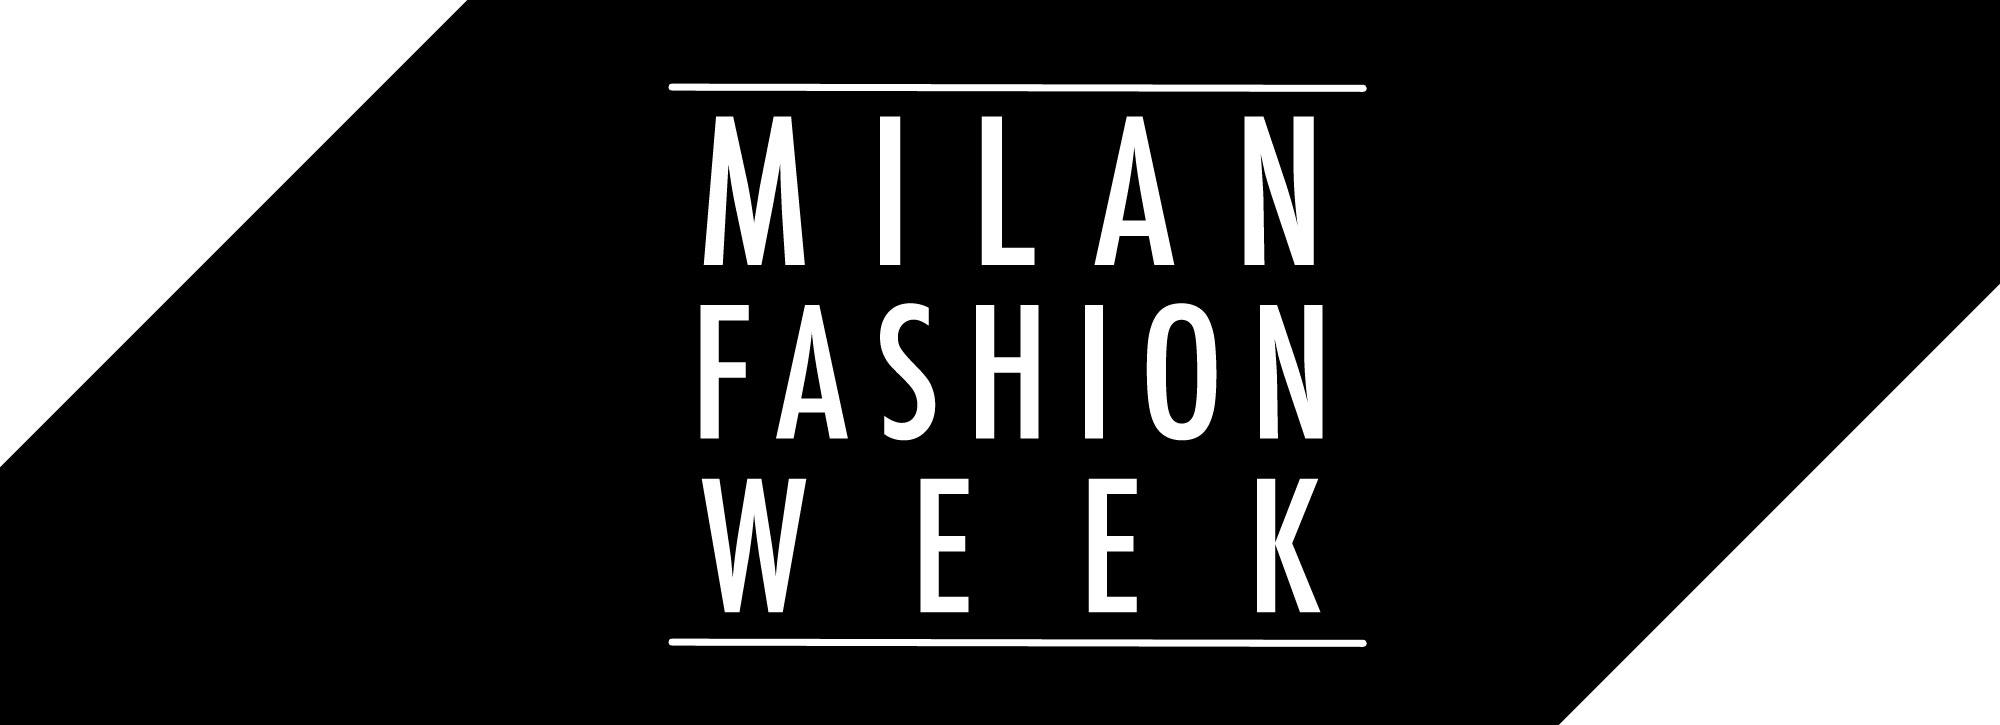 Неделя моды в Милане 2015, продолжение: модные показы осень-зима 2015-2016, видео